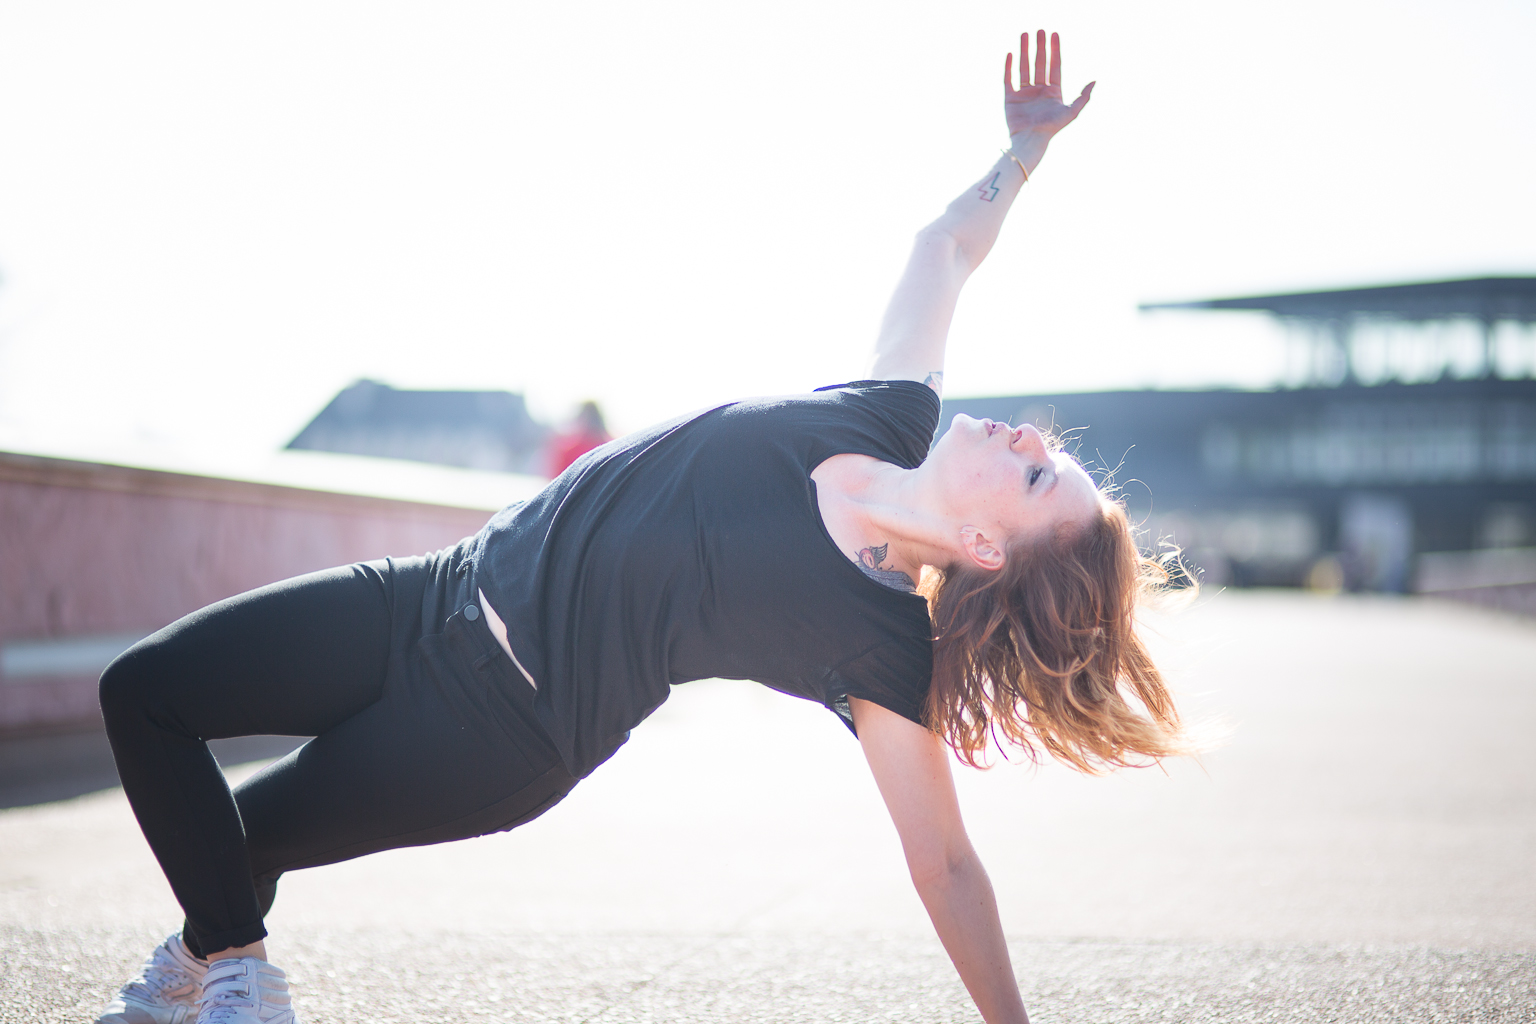 jeune femme dansant, prenant appui au sol avec sa main